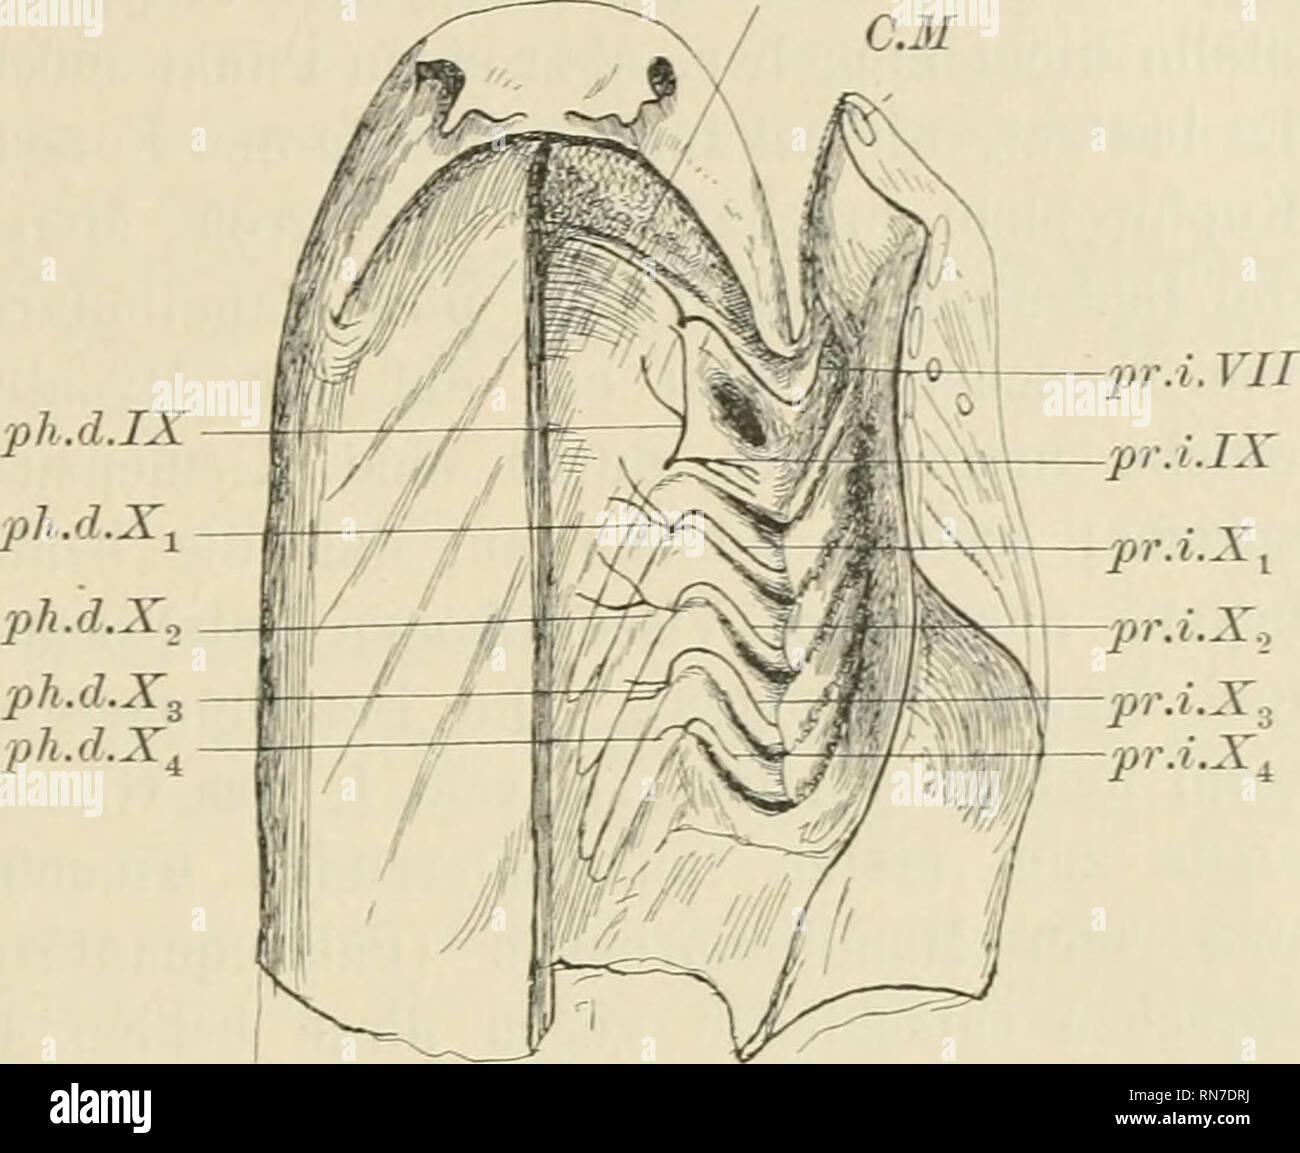 . Anatomischer Anzeiger. Anatomy, Comparative; Anatomy, Comparative. 493 Nerven bei Scyllium catulus dargestellt, und man sieht ihre Be- ziehungen zu den Kiemenbogen und -Spalten. Ebenso wie bei Acipenser sind die Rr. praetrematici interni beim Vagus (Fig.4, pr.i.X1—2ir.i.X1), Glossopharyngeus (Fig. 4, pr.i.IX) und Facialis (Fig. 4, pr.i. VII) wohl ausgebildet, obgleich die Praetrematici interni des Vagus feiner als bei Acipenser sind; dagegen ist der Pr. internus Glossopharyngei (Fig. 4, pr. i. IX) bei den Haien und Rochen nicht rudimentär wie bei Acipenser, sondern stellt auch beim erwachsen - Stock Image